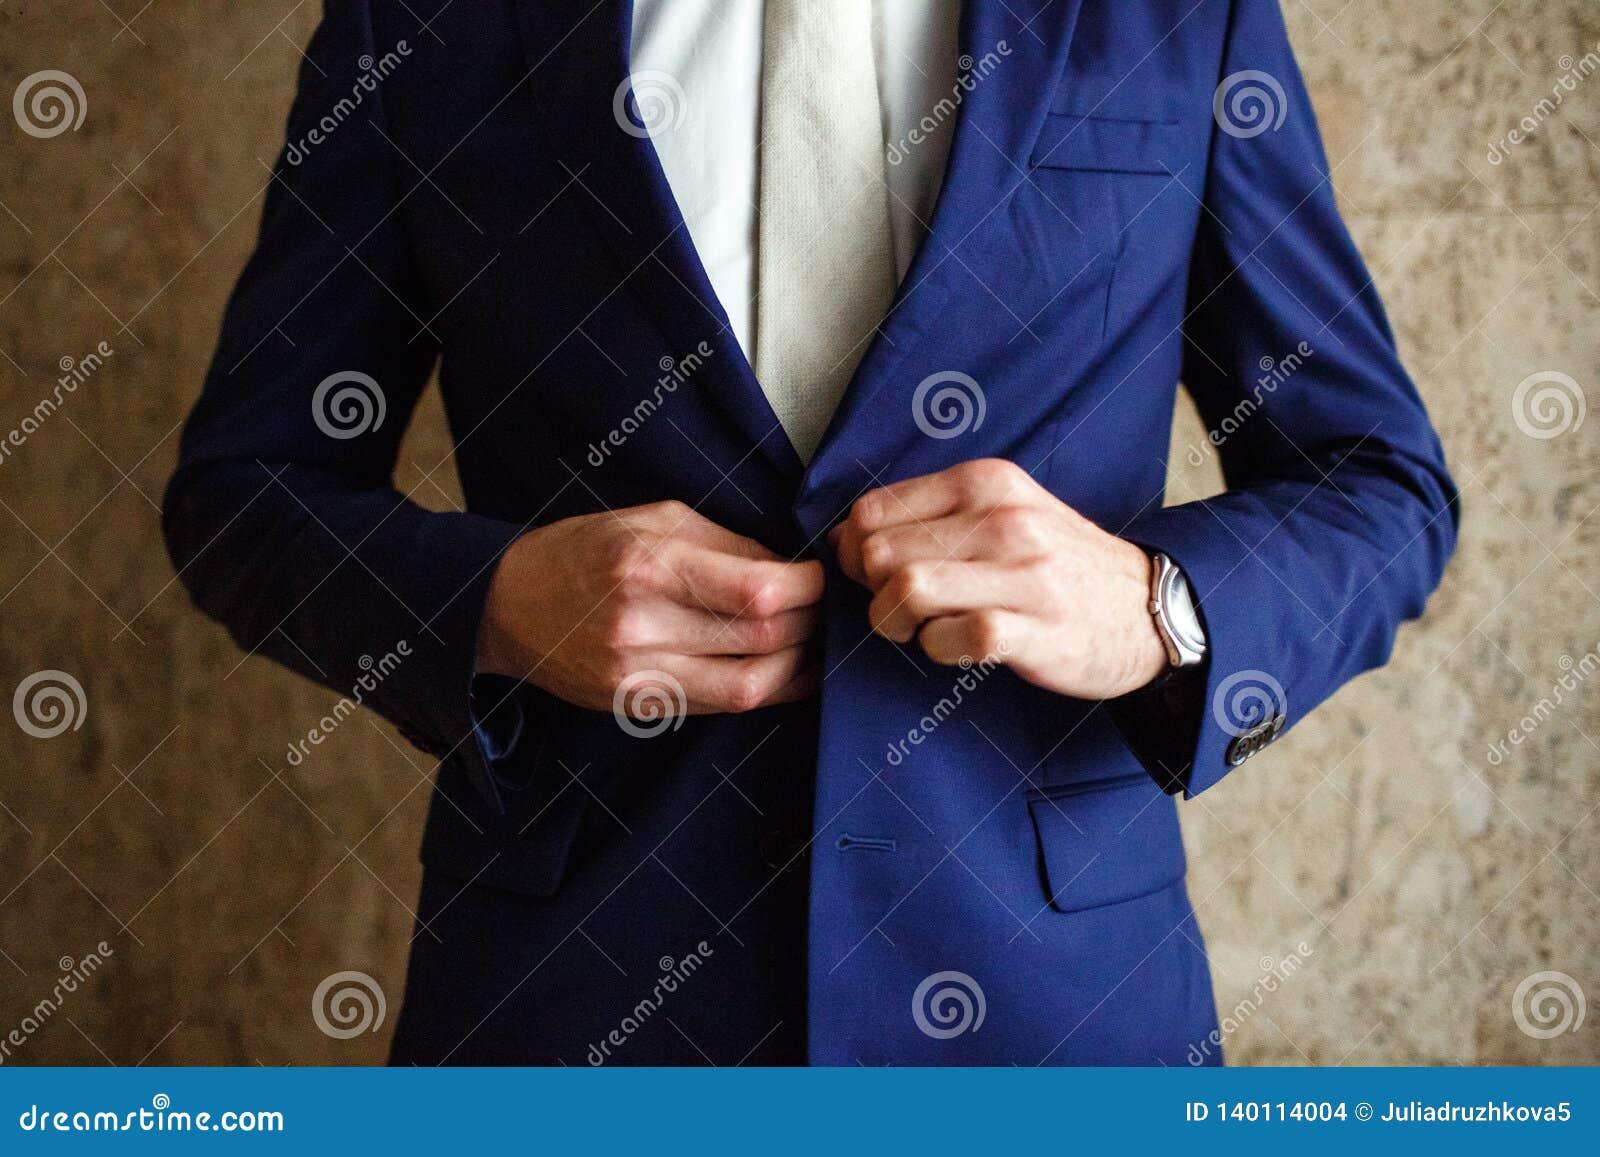 Ein Mann befestigt Knopfmatrosen auf seiner Hand seine Uhr